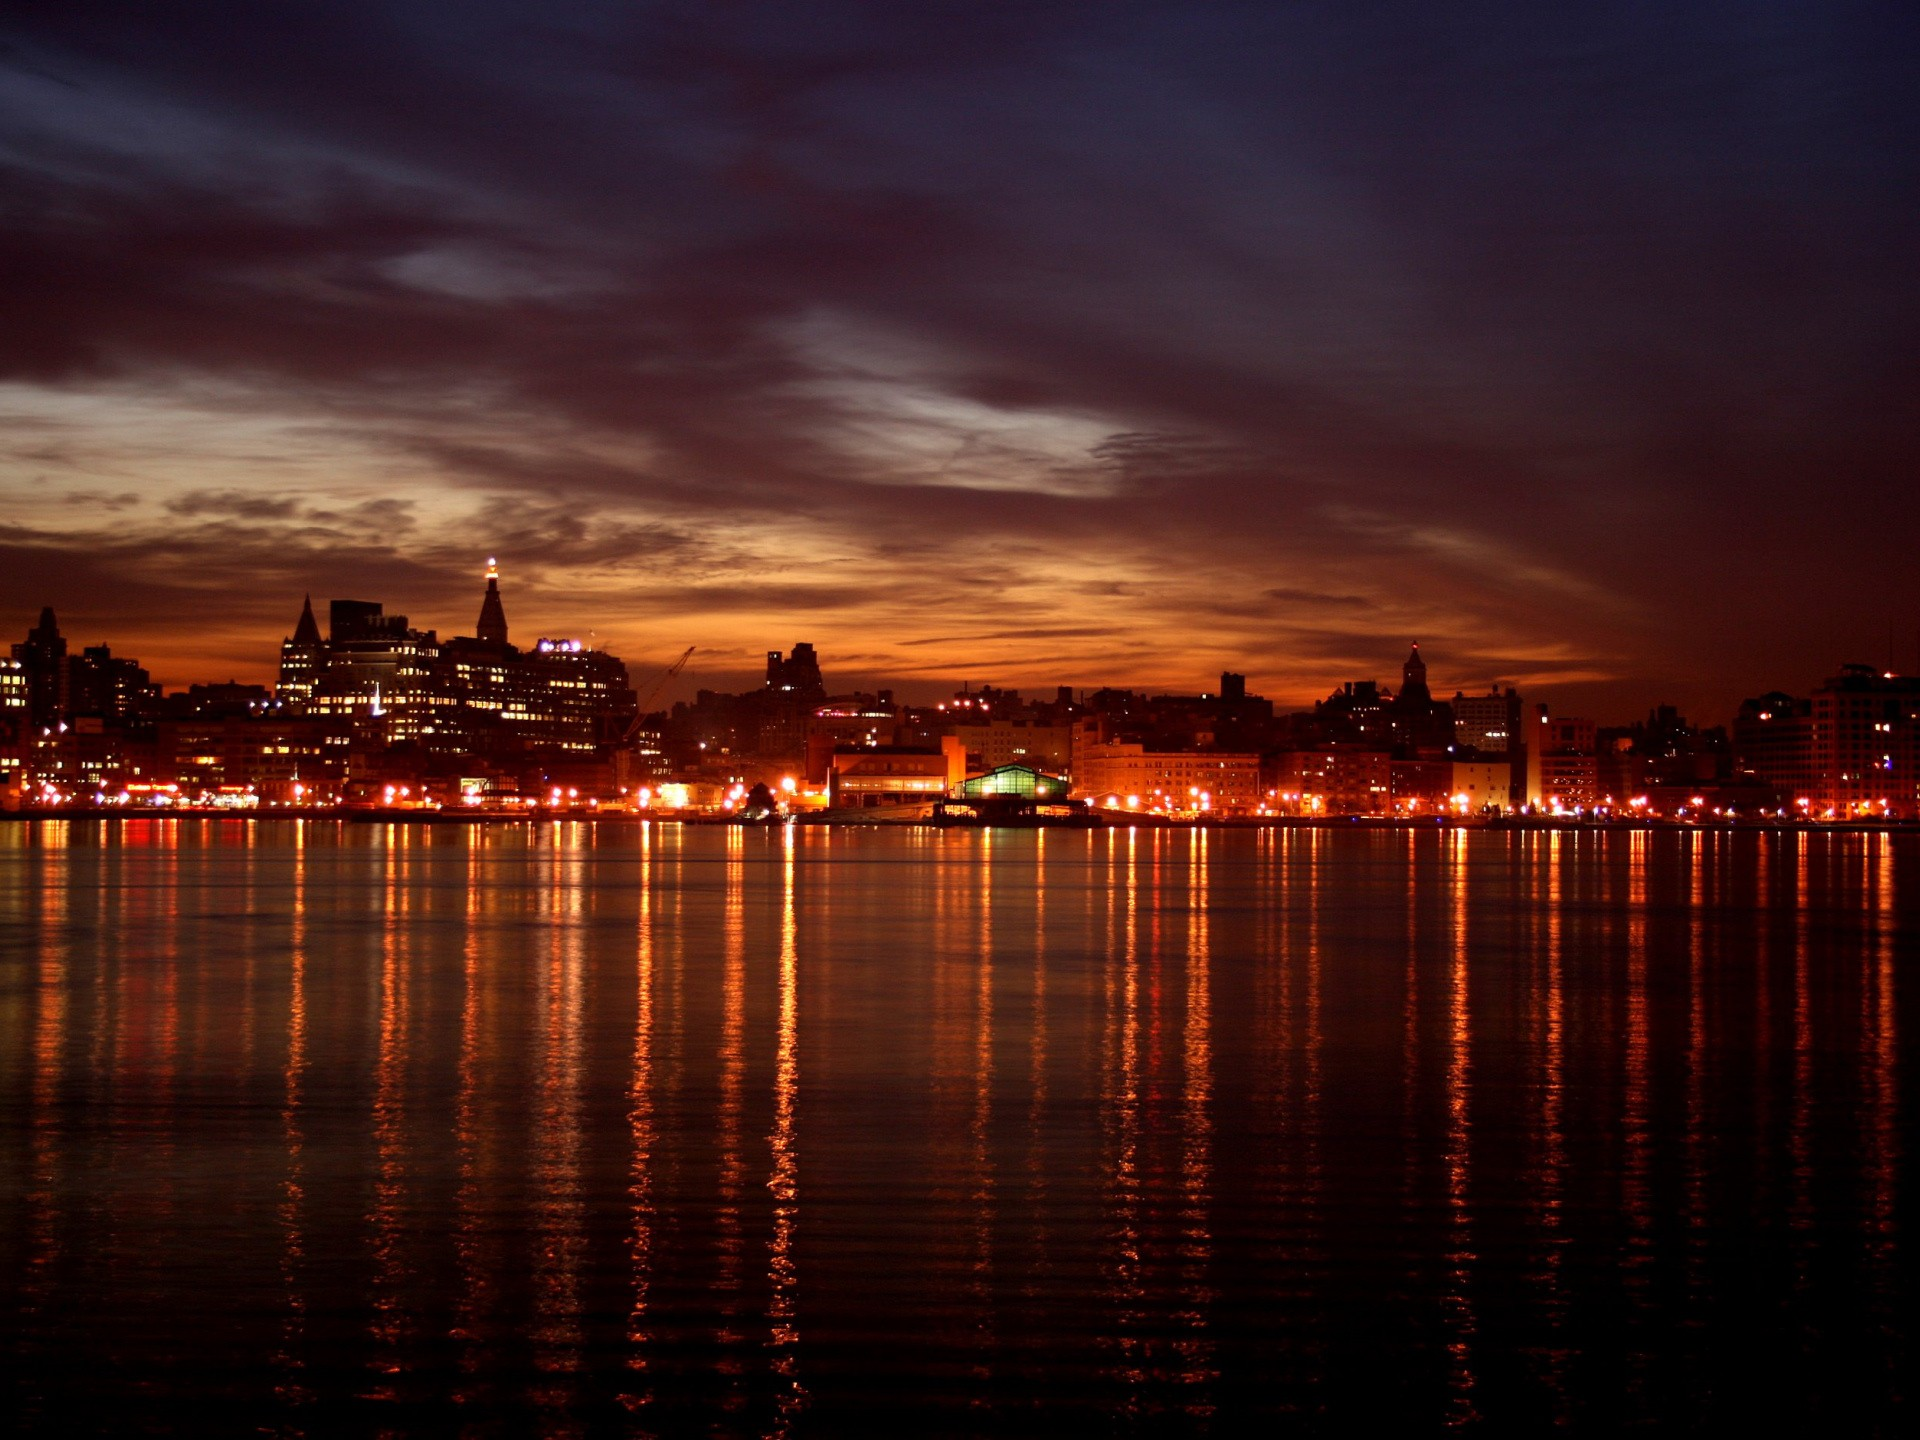 небоскребы город вода огни ночь  № 3981315 загрузить